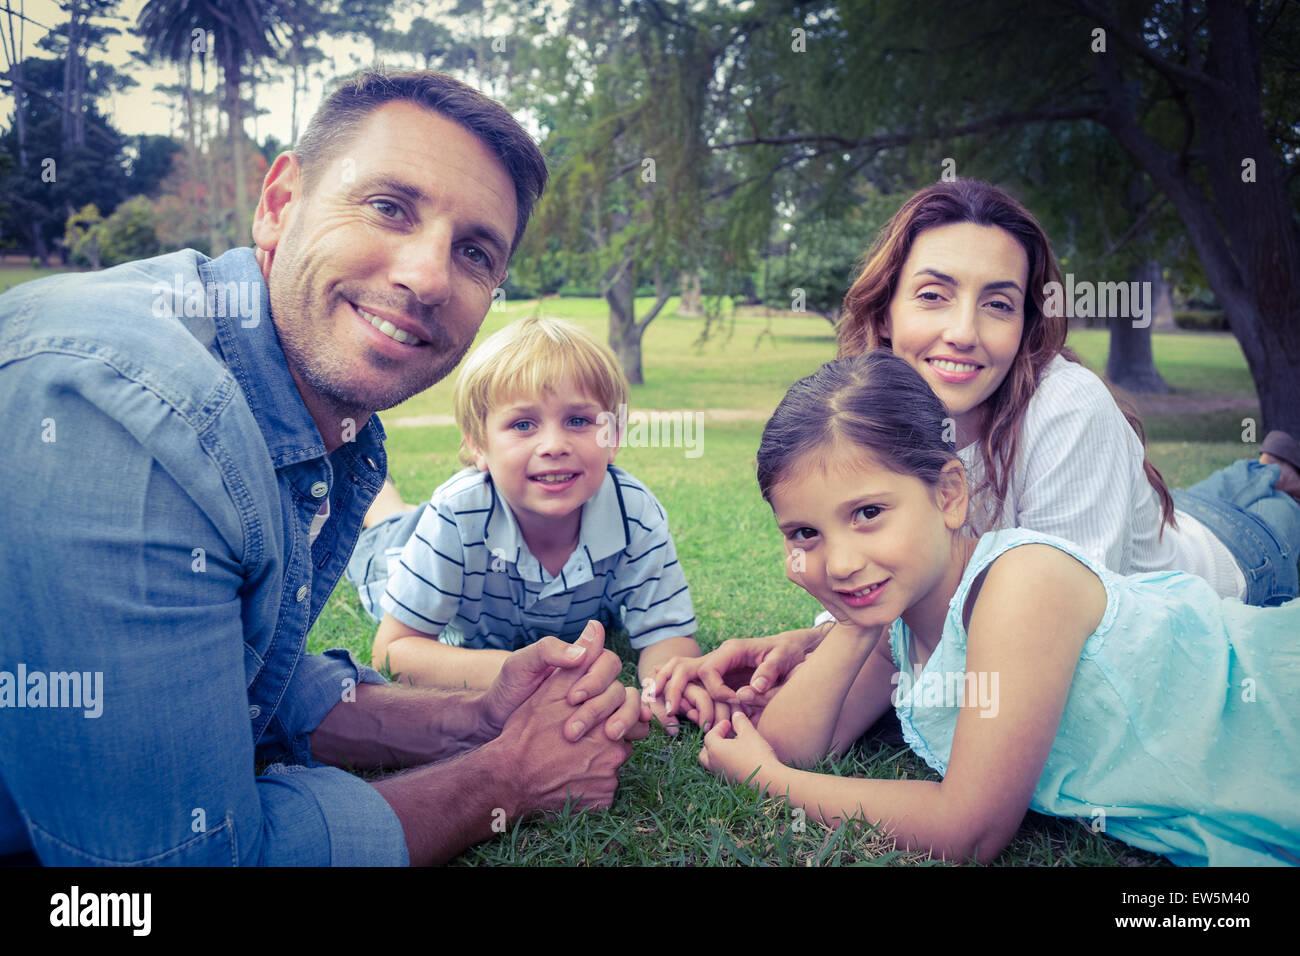 Familia Feliz en el parque acostado juntos Imagen De Stock